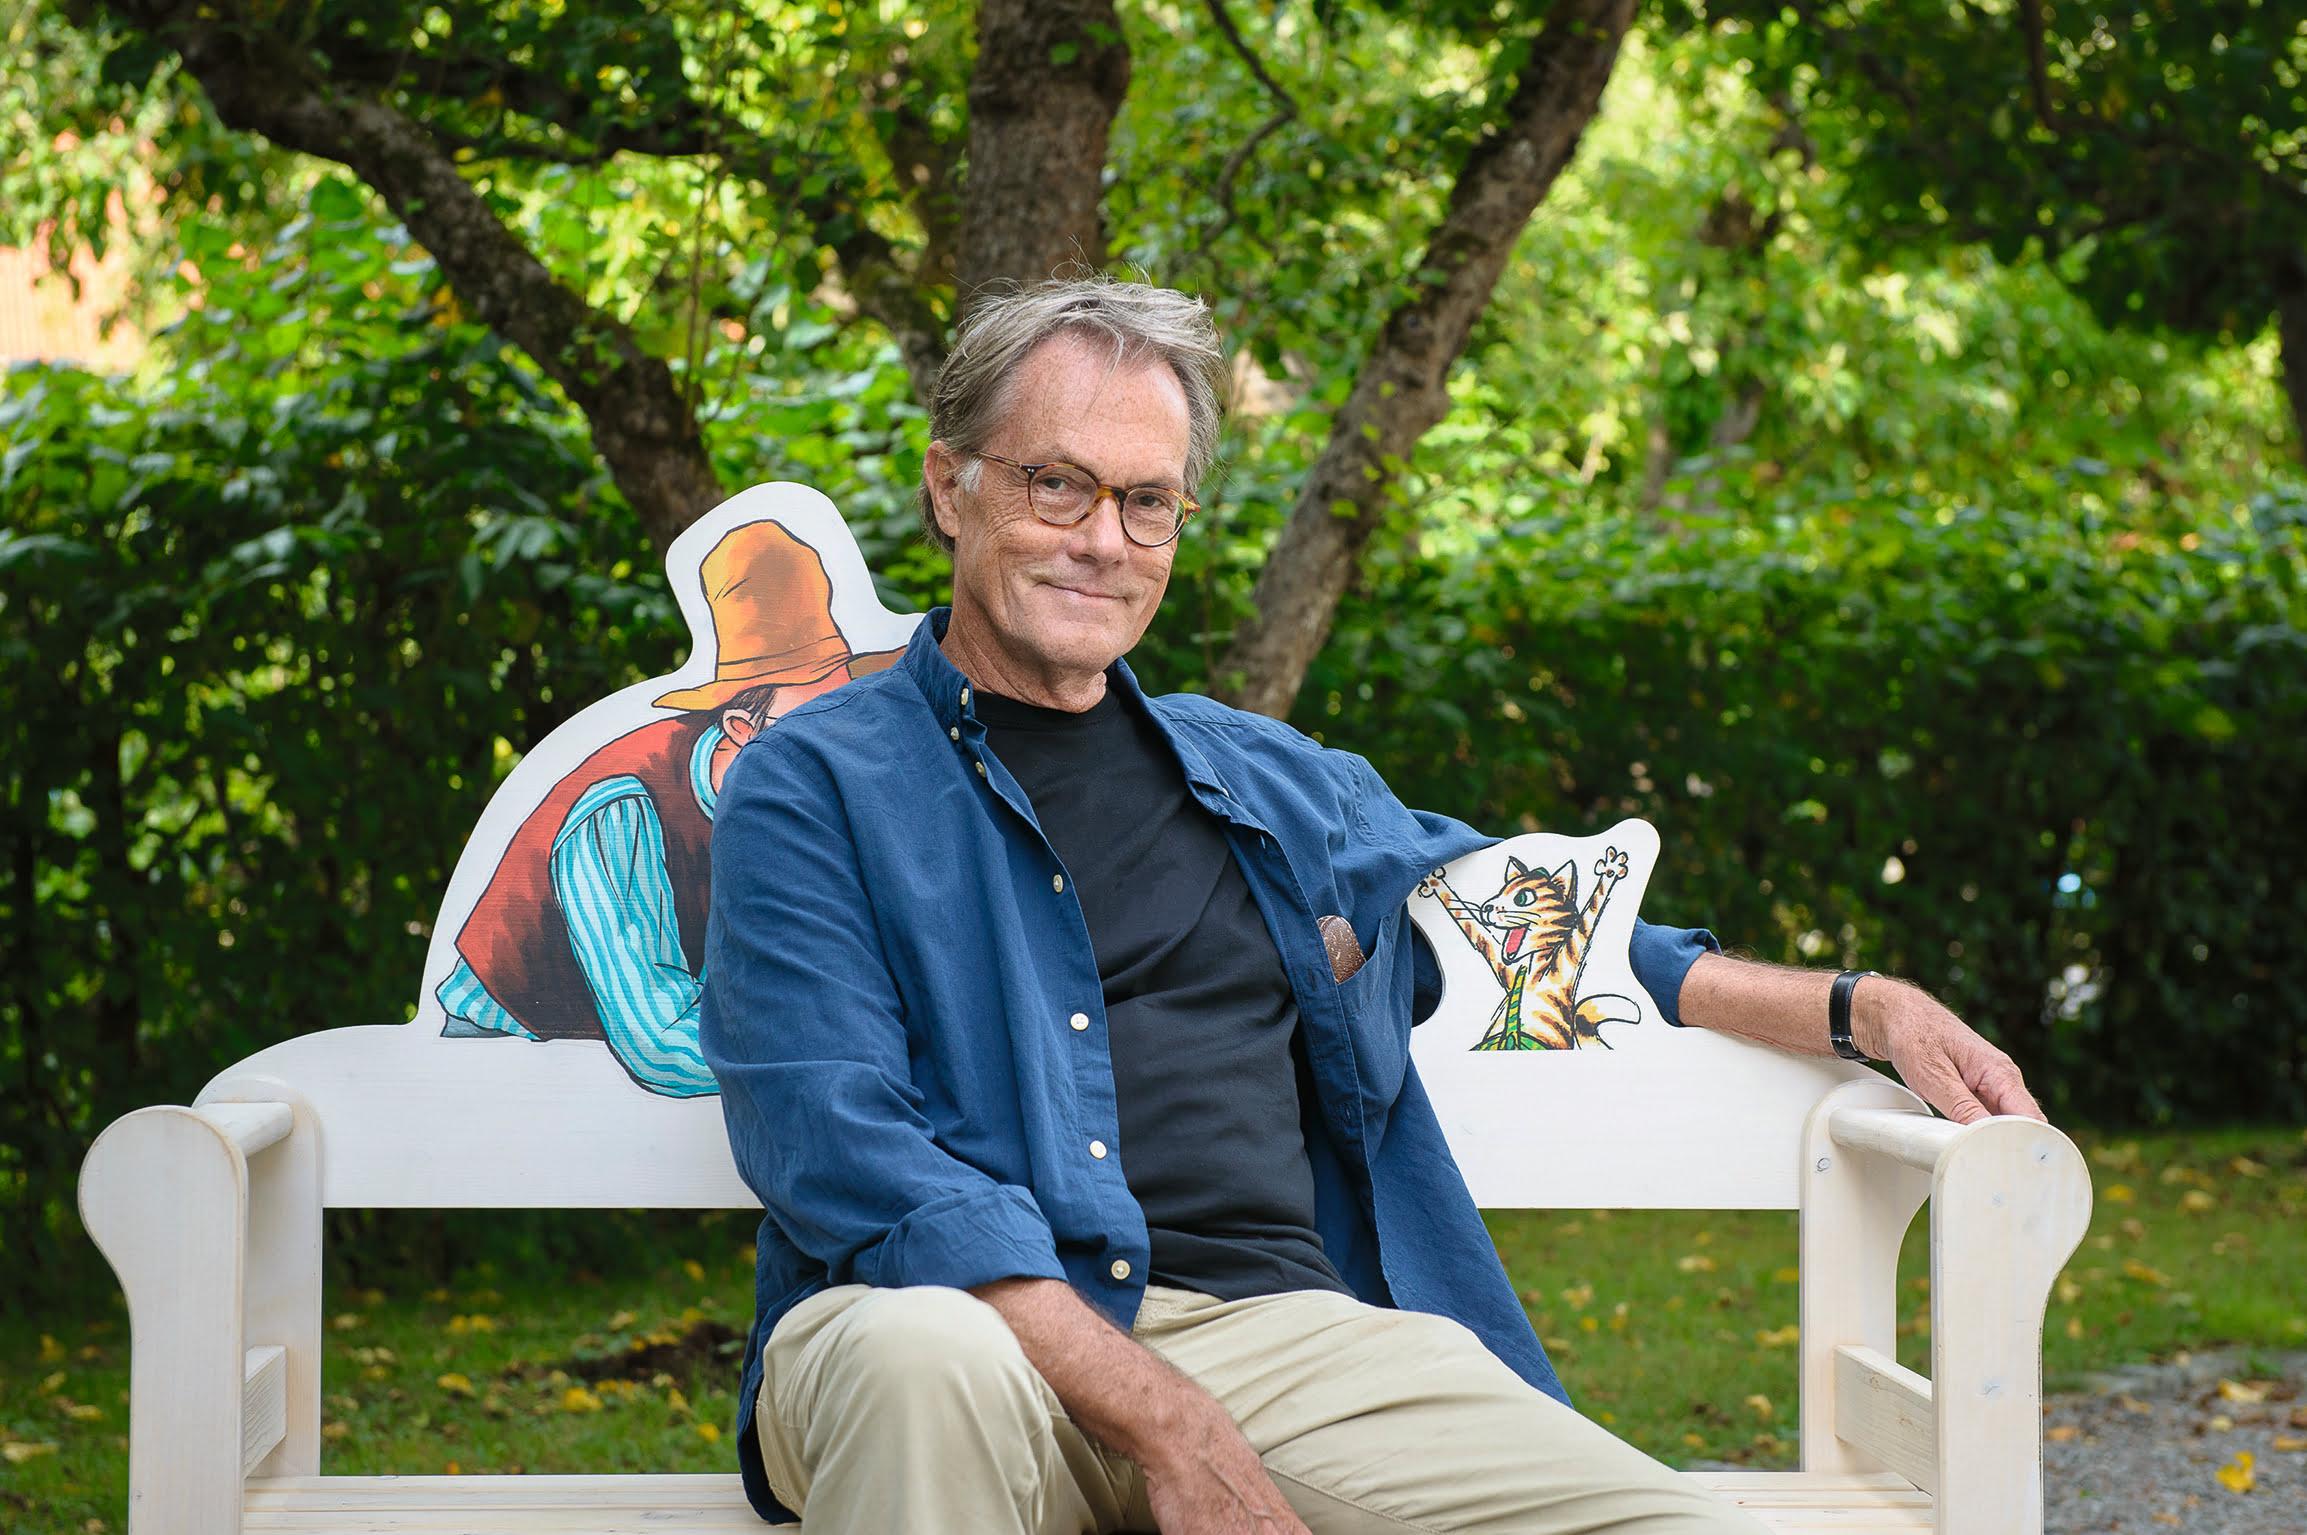 Man sitter på en träsoffa i en trädgård med två tecknade figurer på soffans ryggstöd.